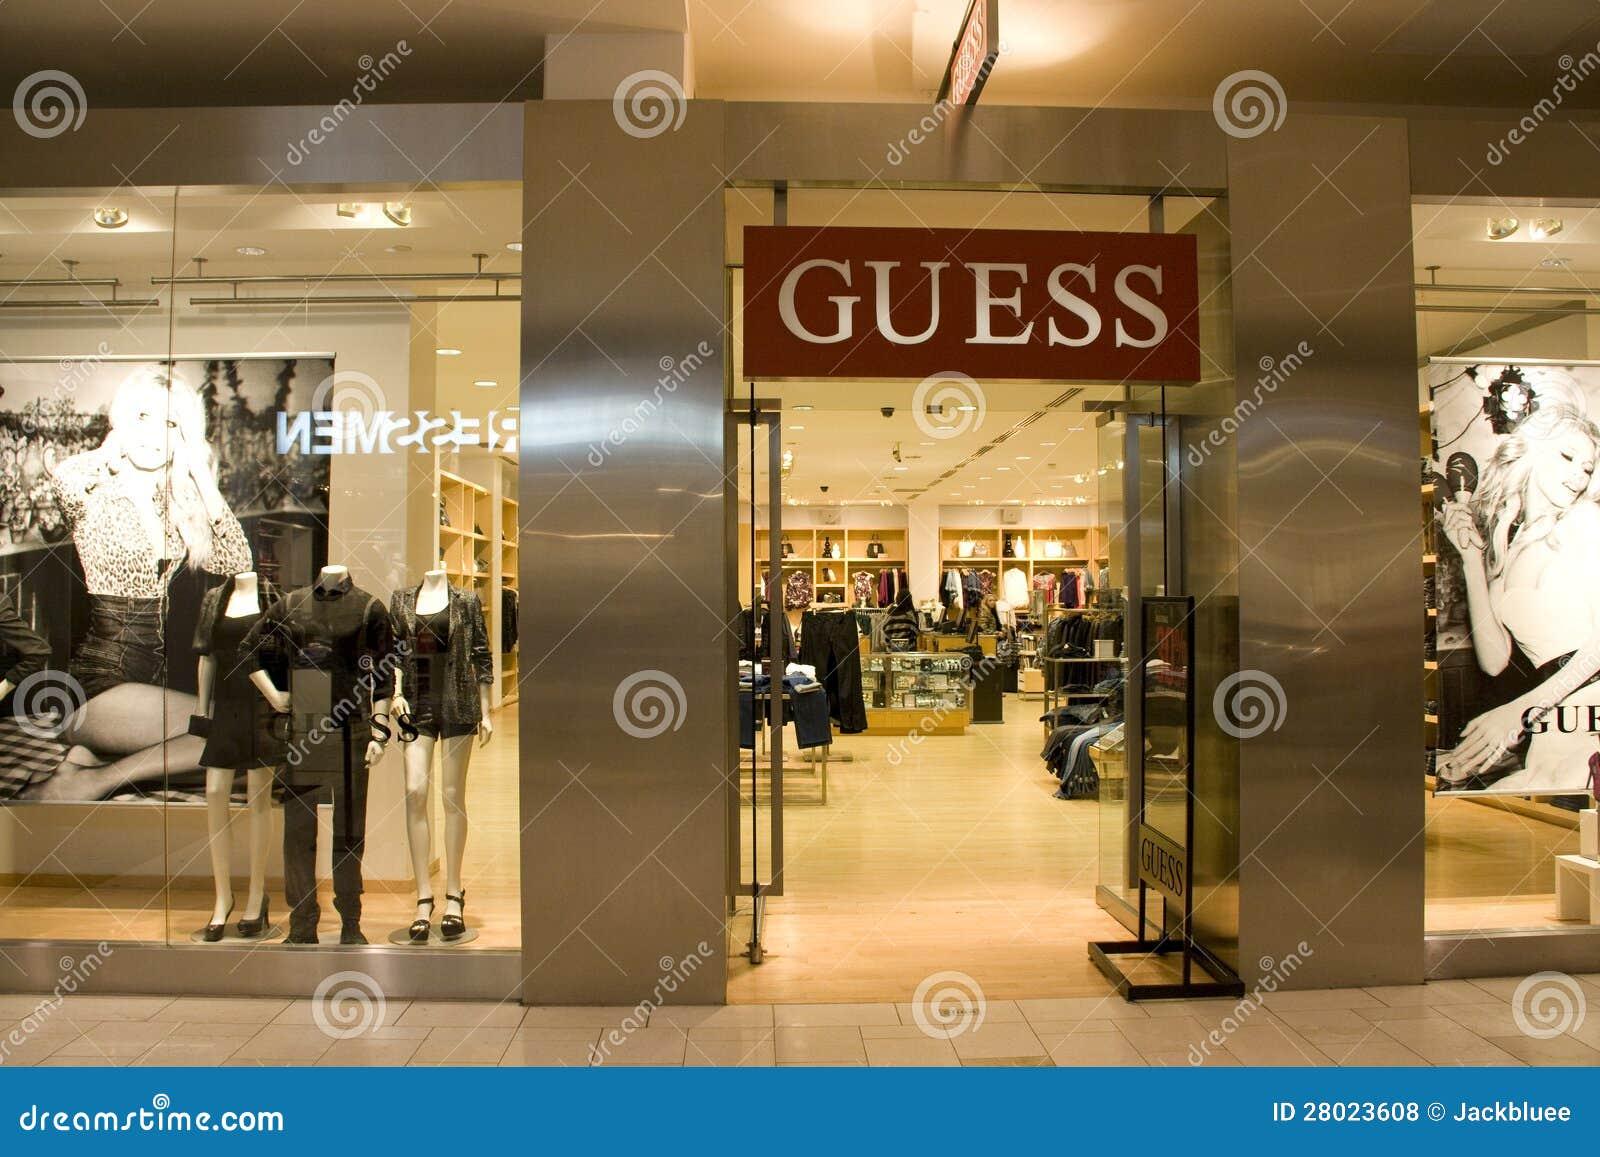 guess shop usa september 2018 discount